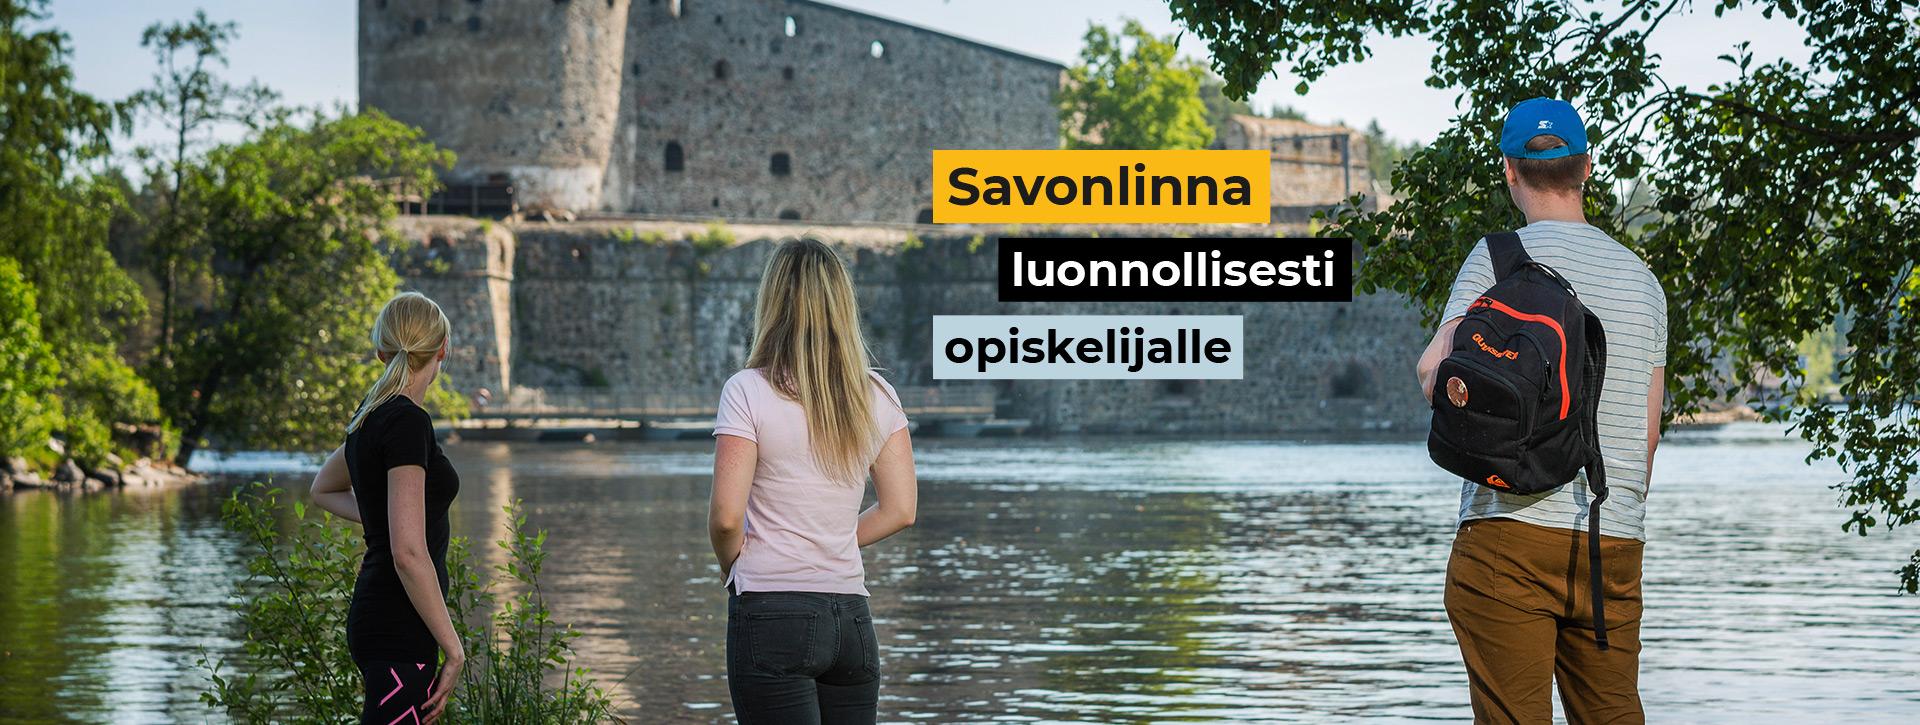 Kaksi nuorta naista ja yksi nuori mies katsovat Olavinlinnaa kohti